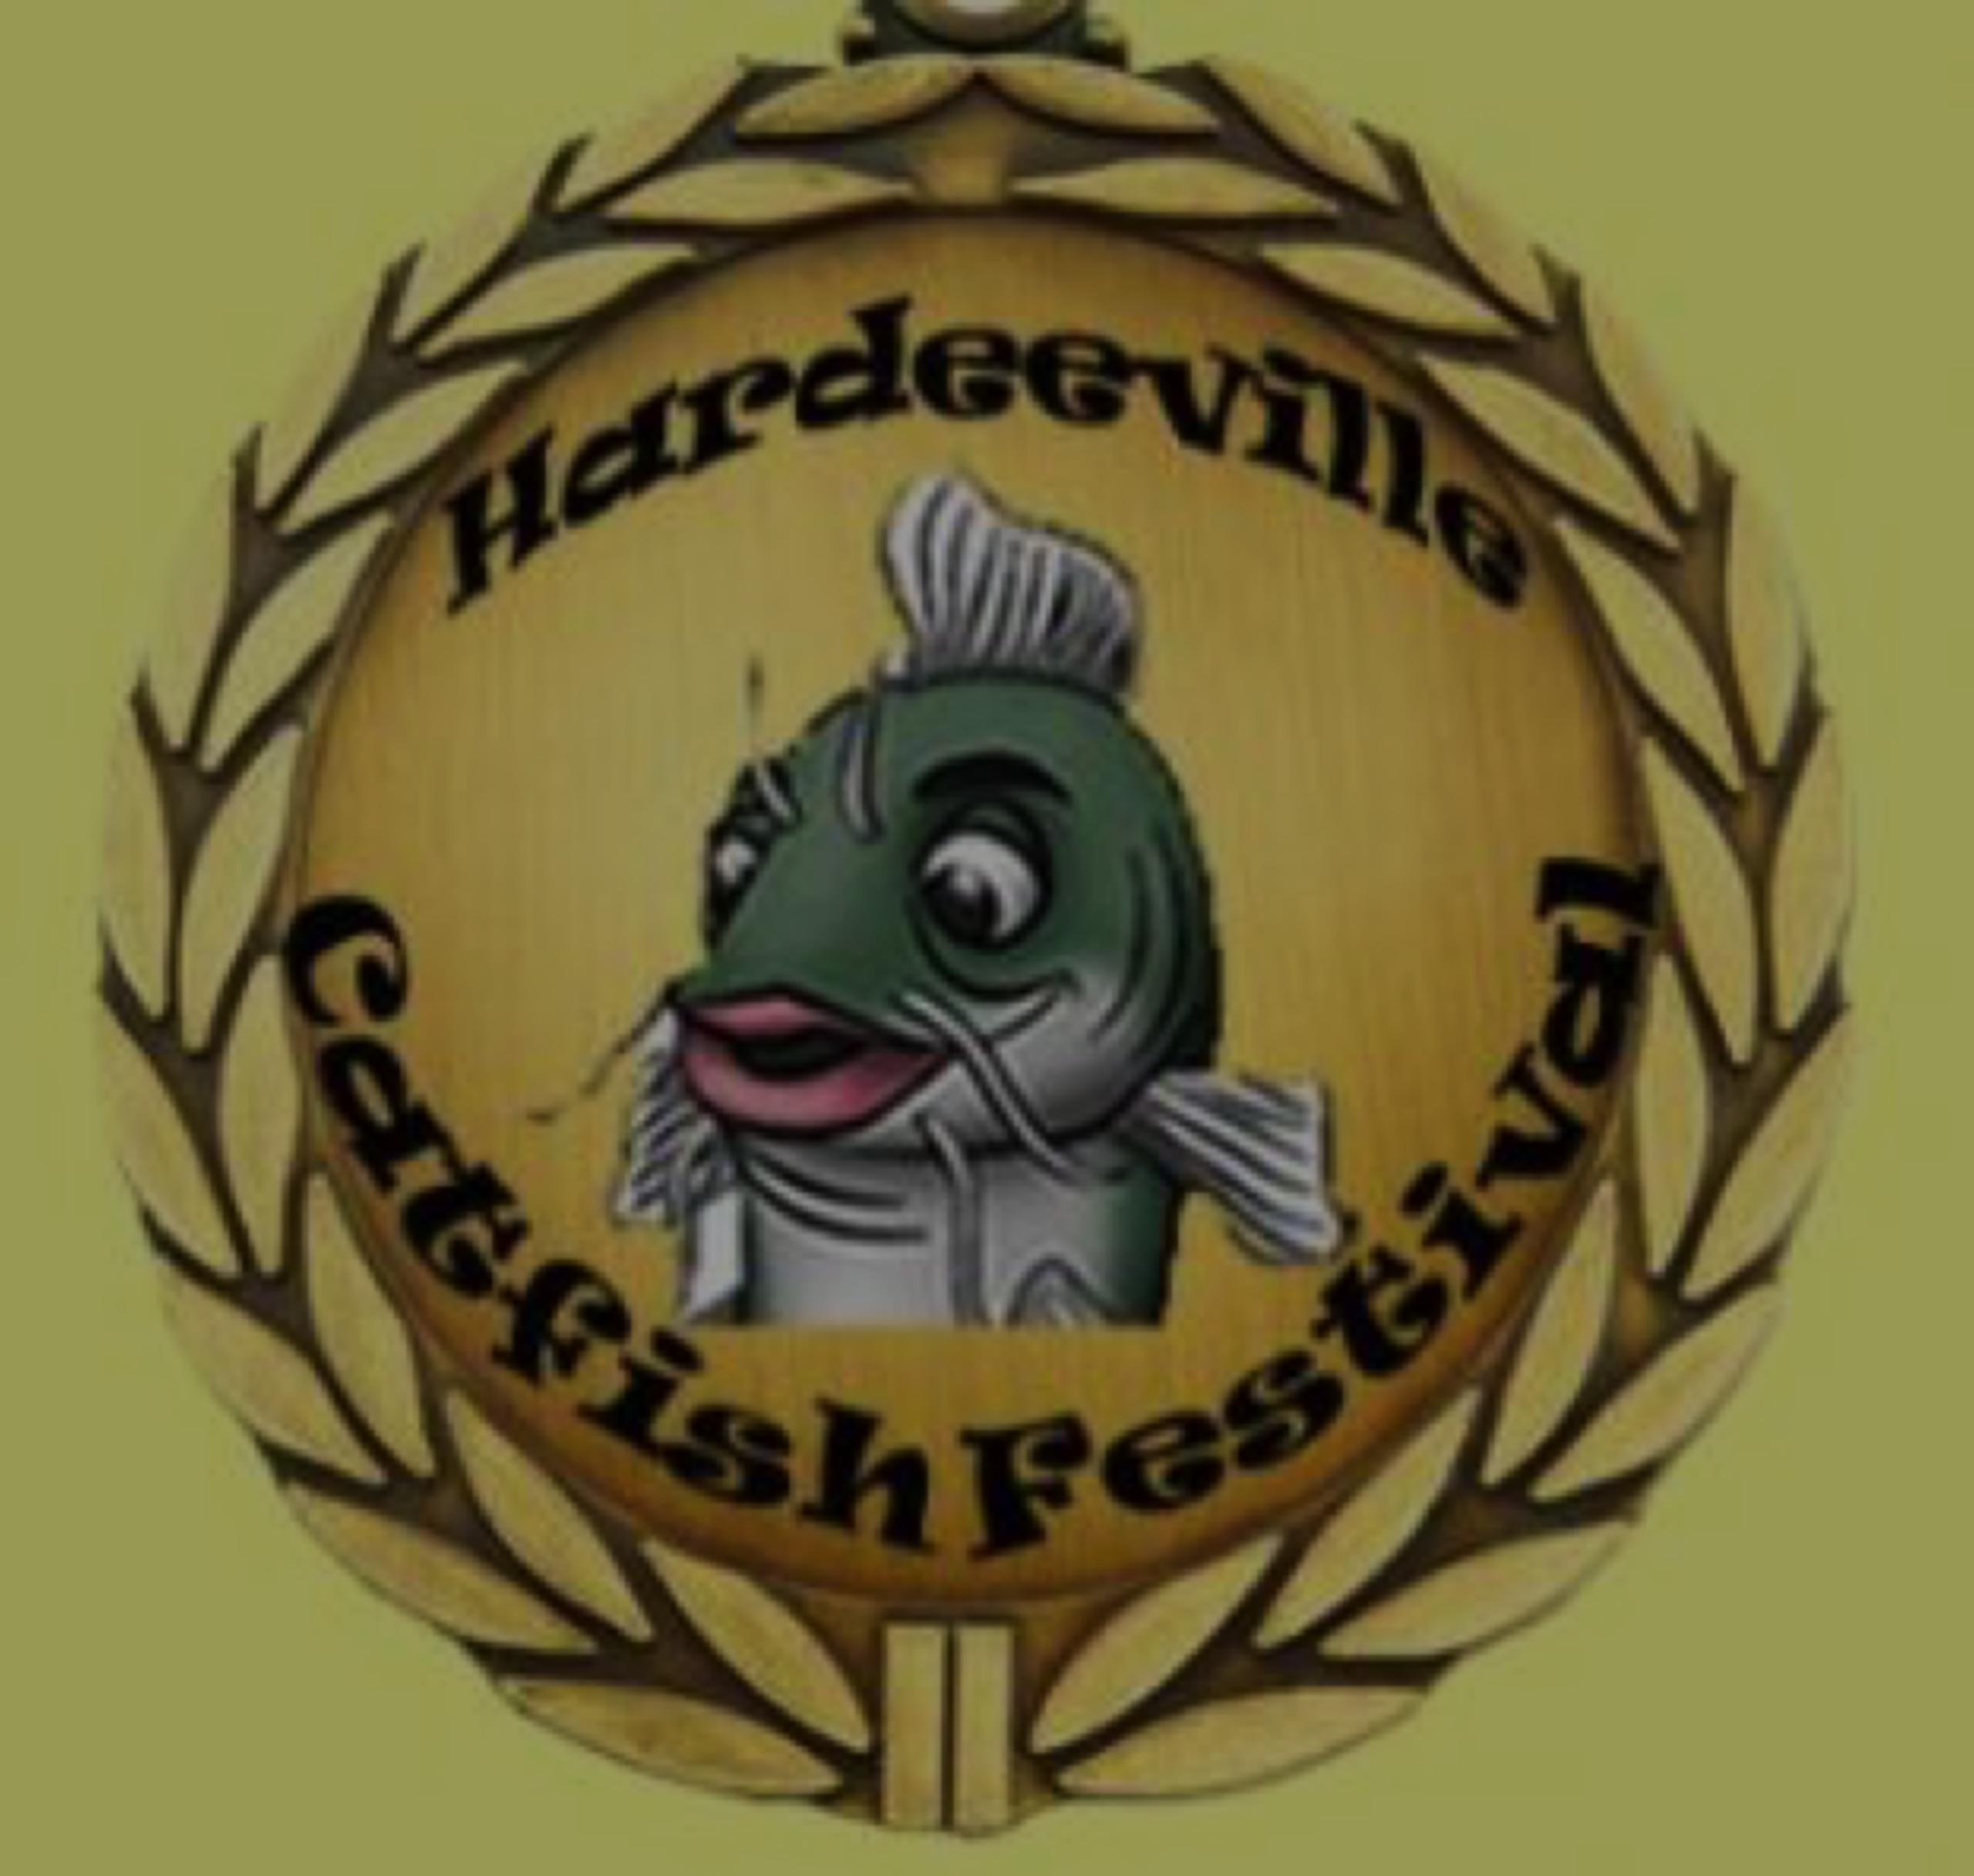 Hardeeville Catfish Festival